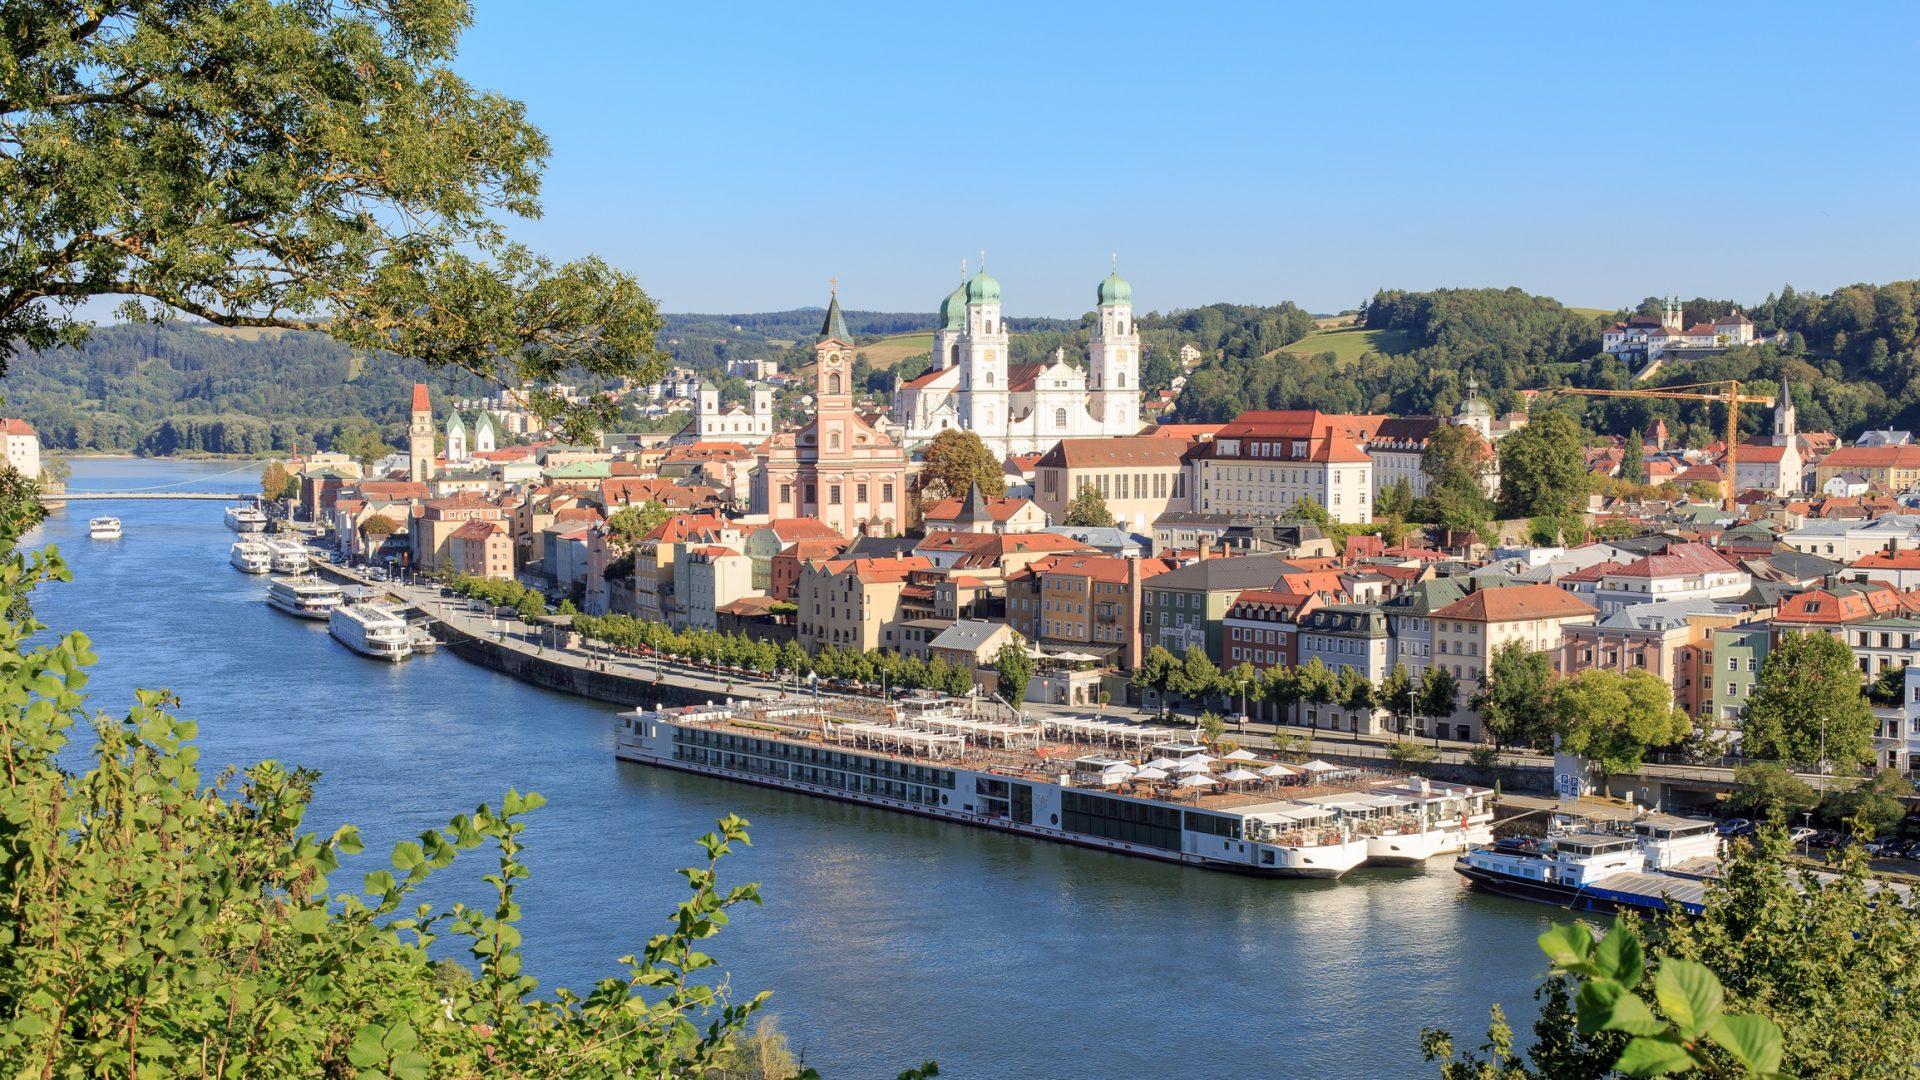 DANUBIO, Passau